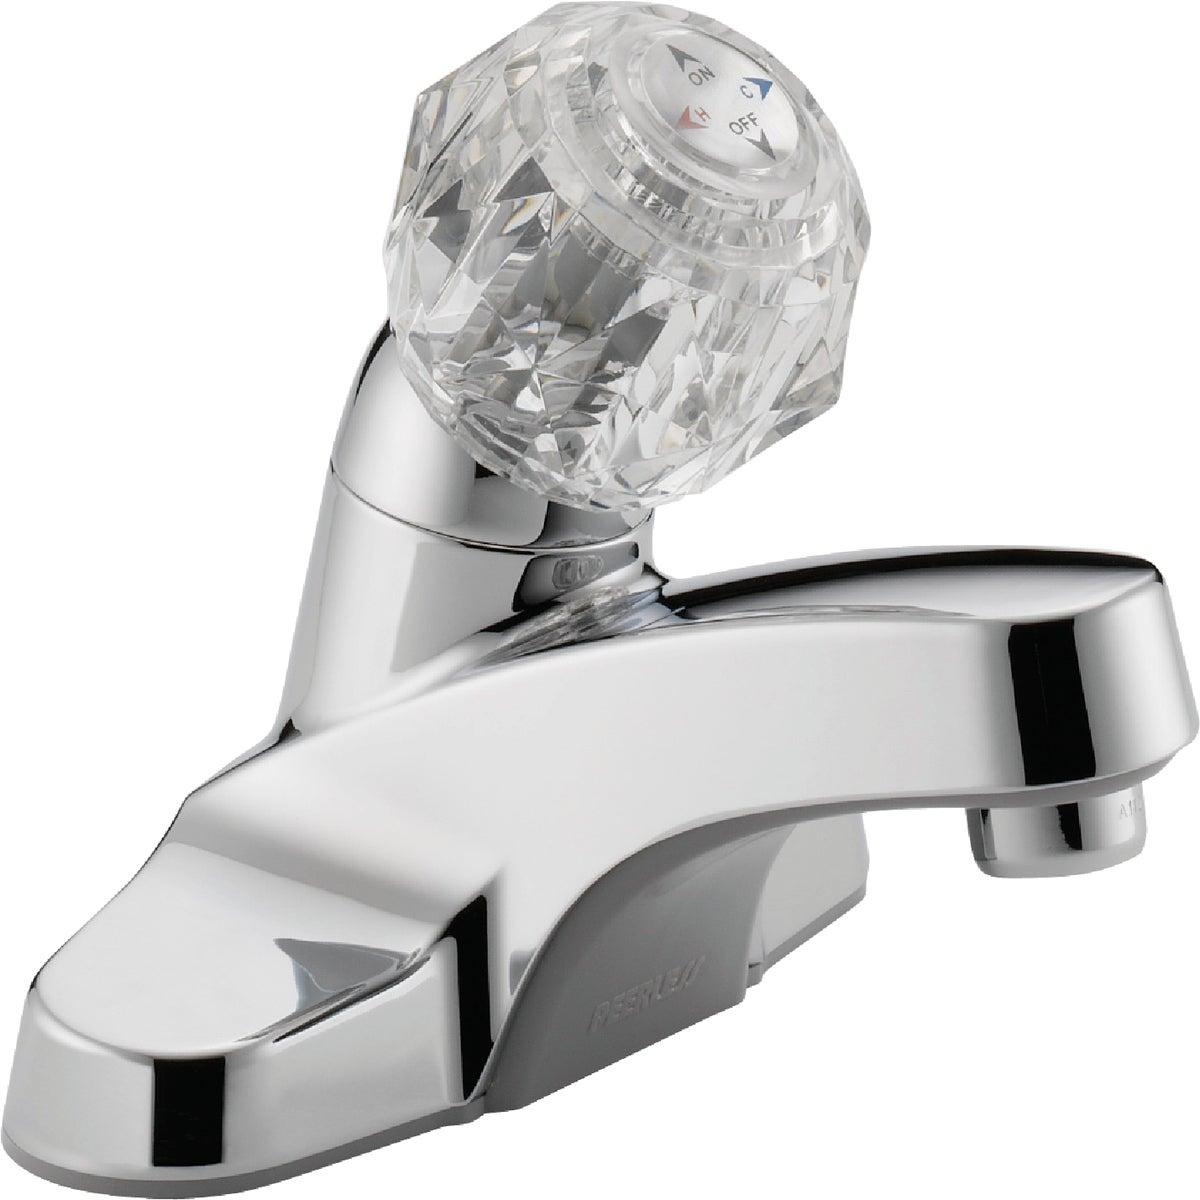 Peerless Single Handle Lavatory Faucet